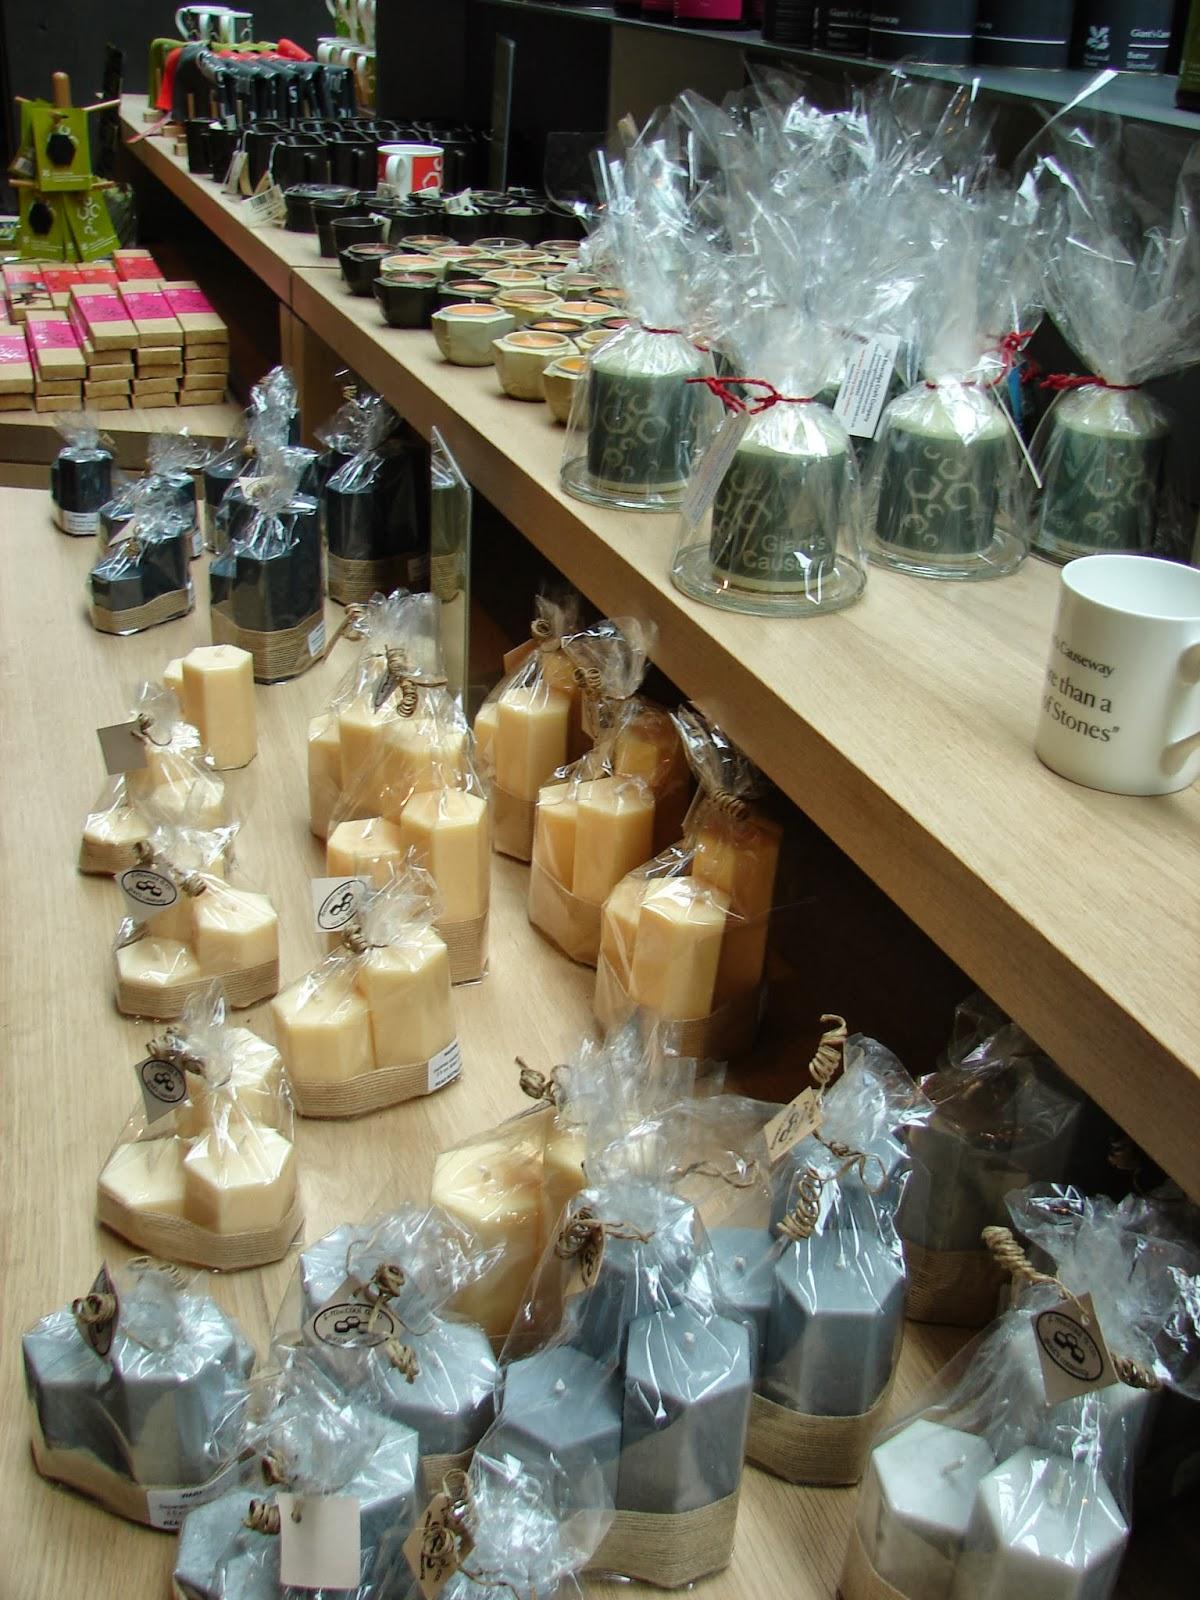 Reproducións das columnas basálticas para regalos, na tenda (XMLS)